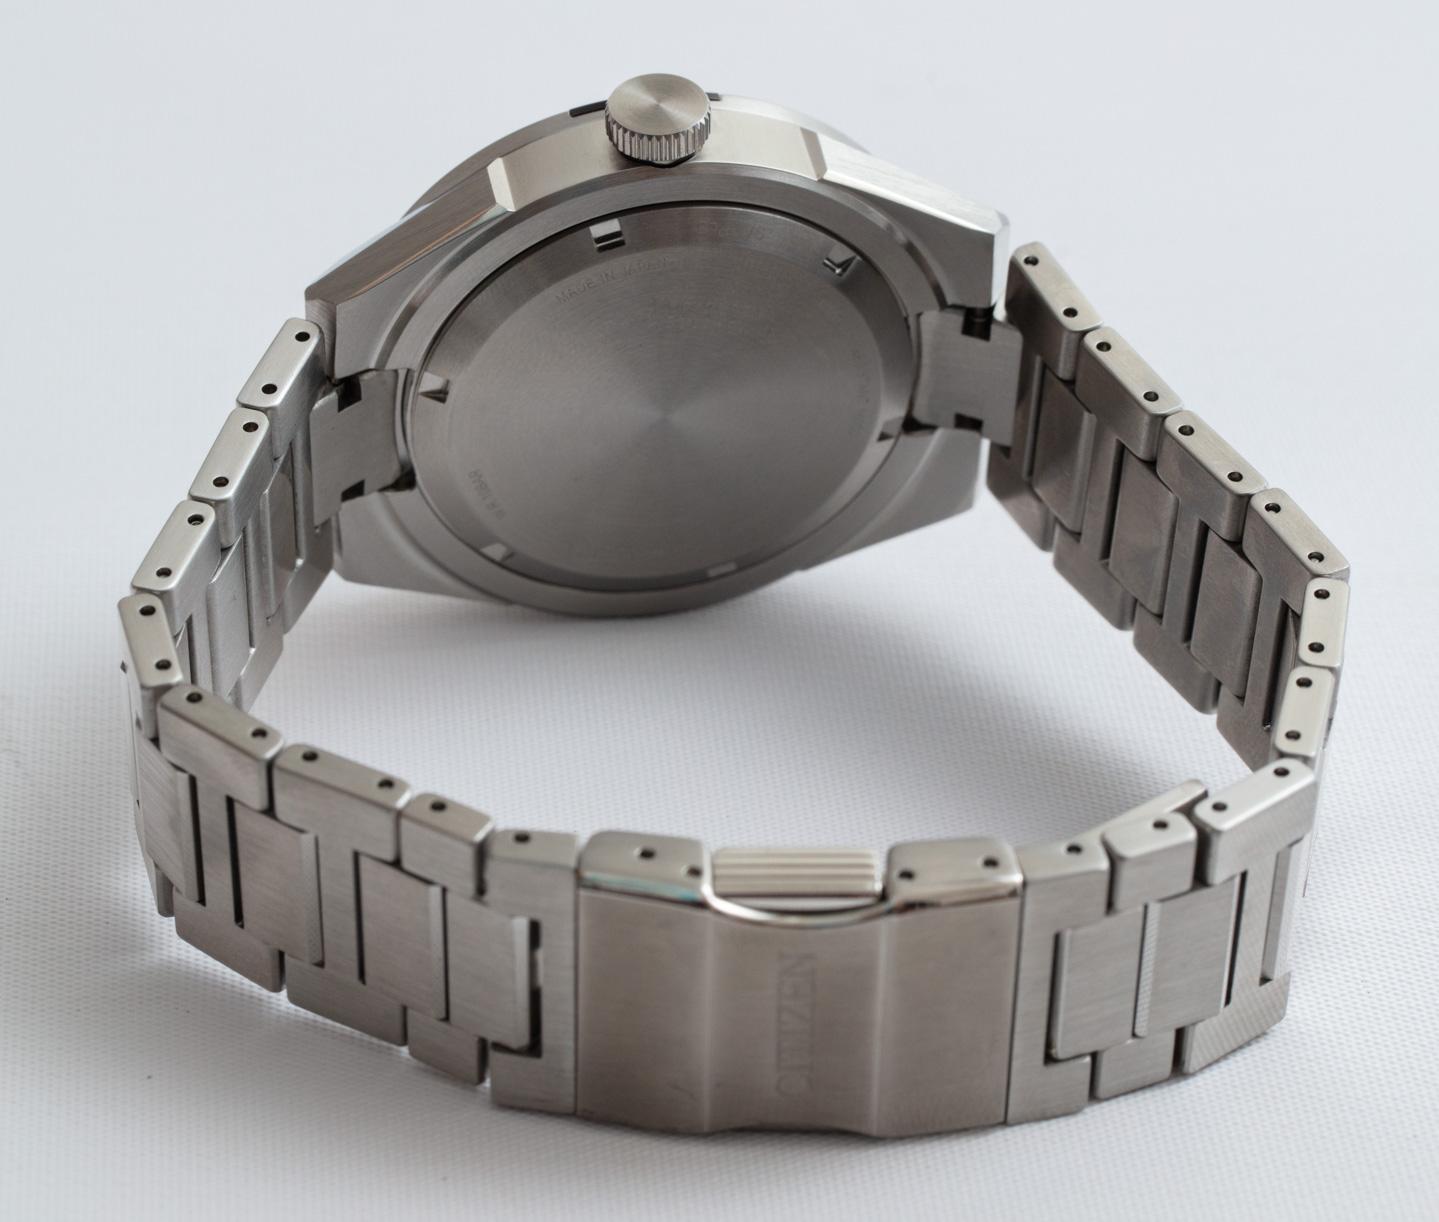 Обзор часов: Citizen Series 8 870 Automatic